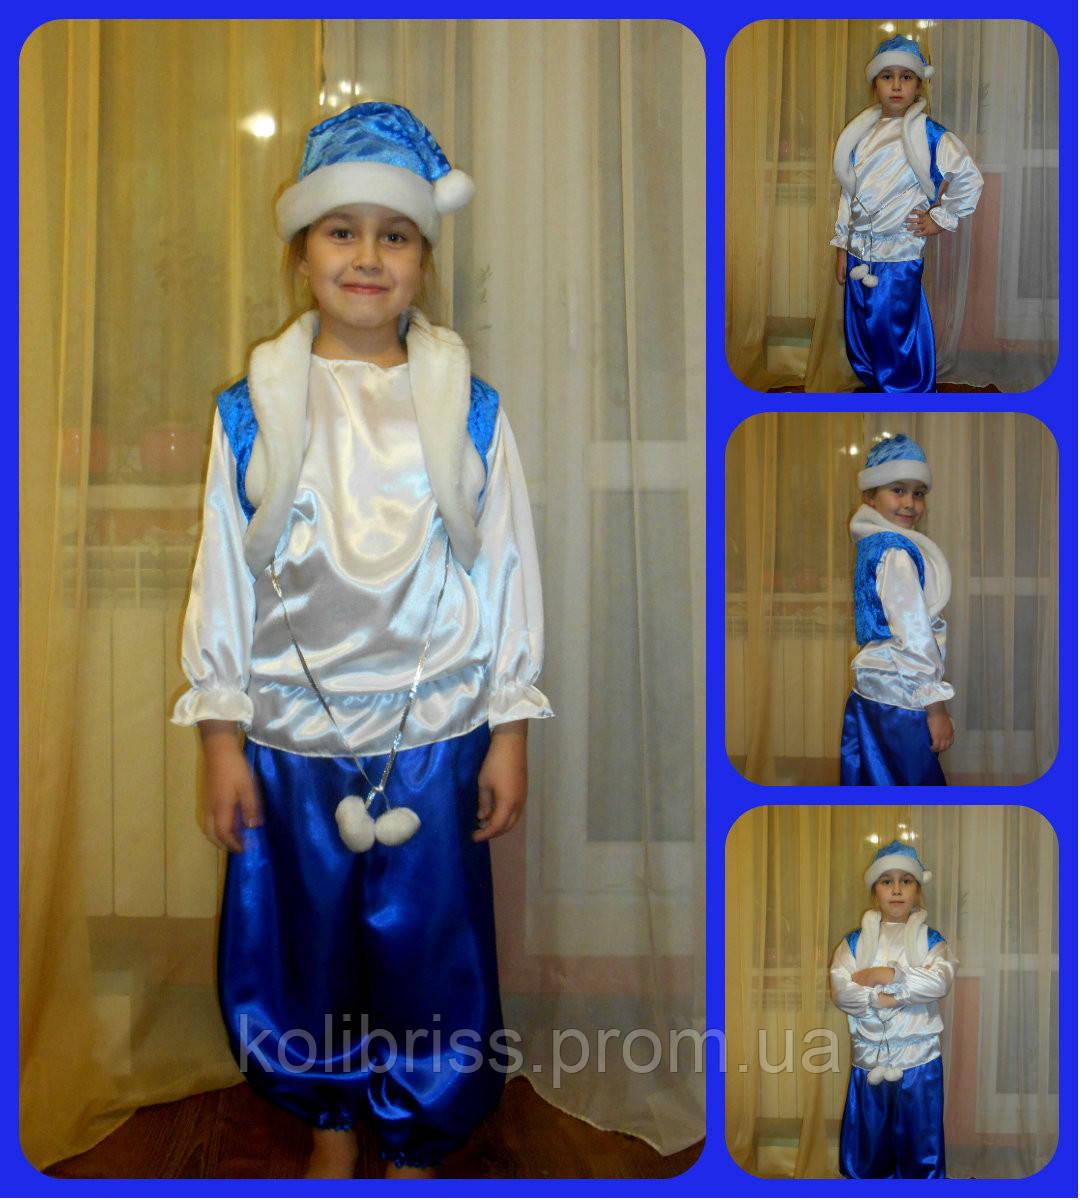 Карнавальный костюм Кая прокат Киев. Костюм Кайт прокат киев